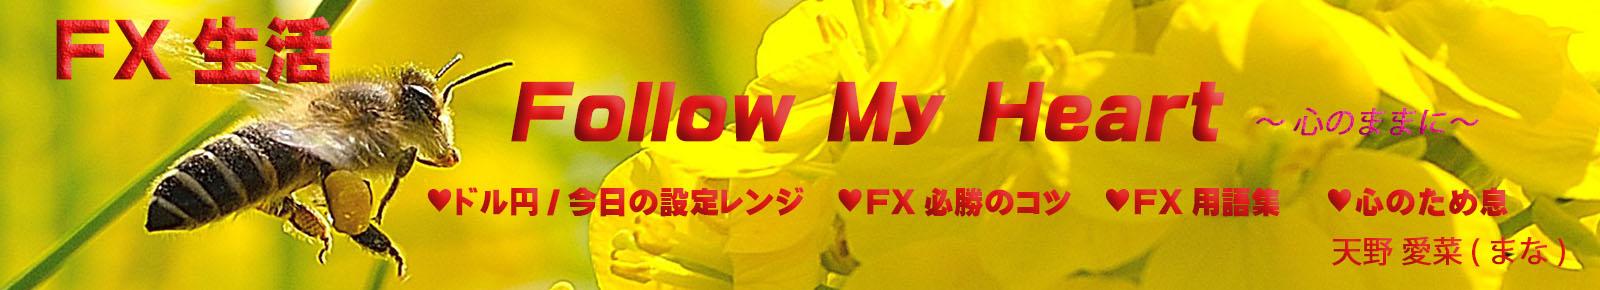 【今日のドル円】FX生活・ブログ ~心のままに~ 天野愛菜(まな)